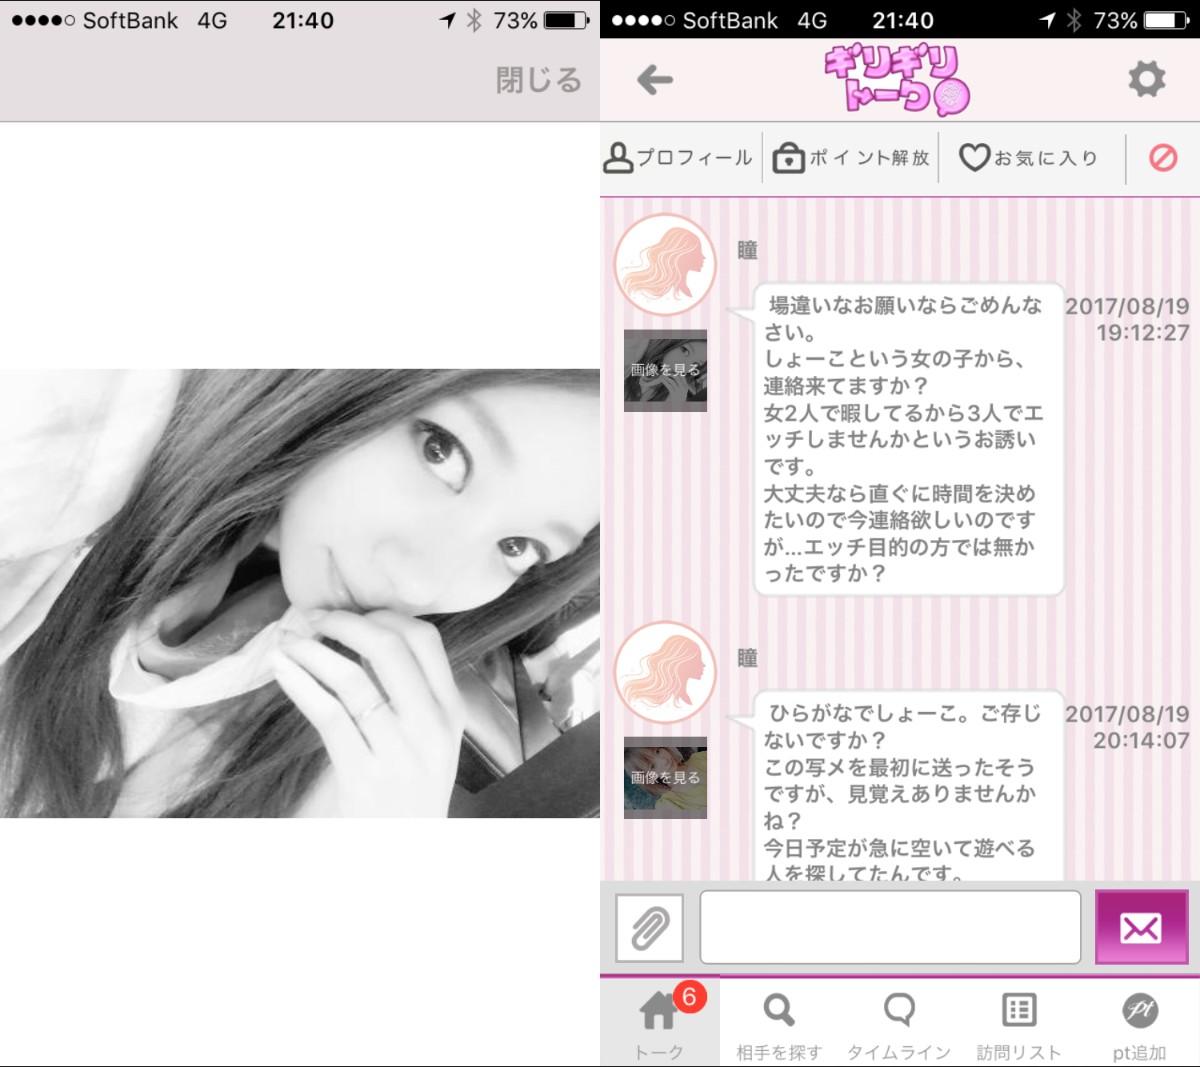 悪質出会い系アプリ「ギリギリトーク」サクラの瞳